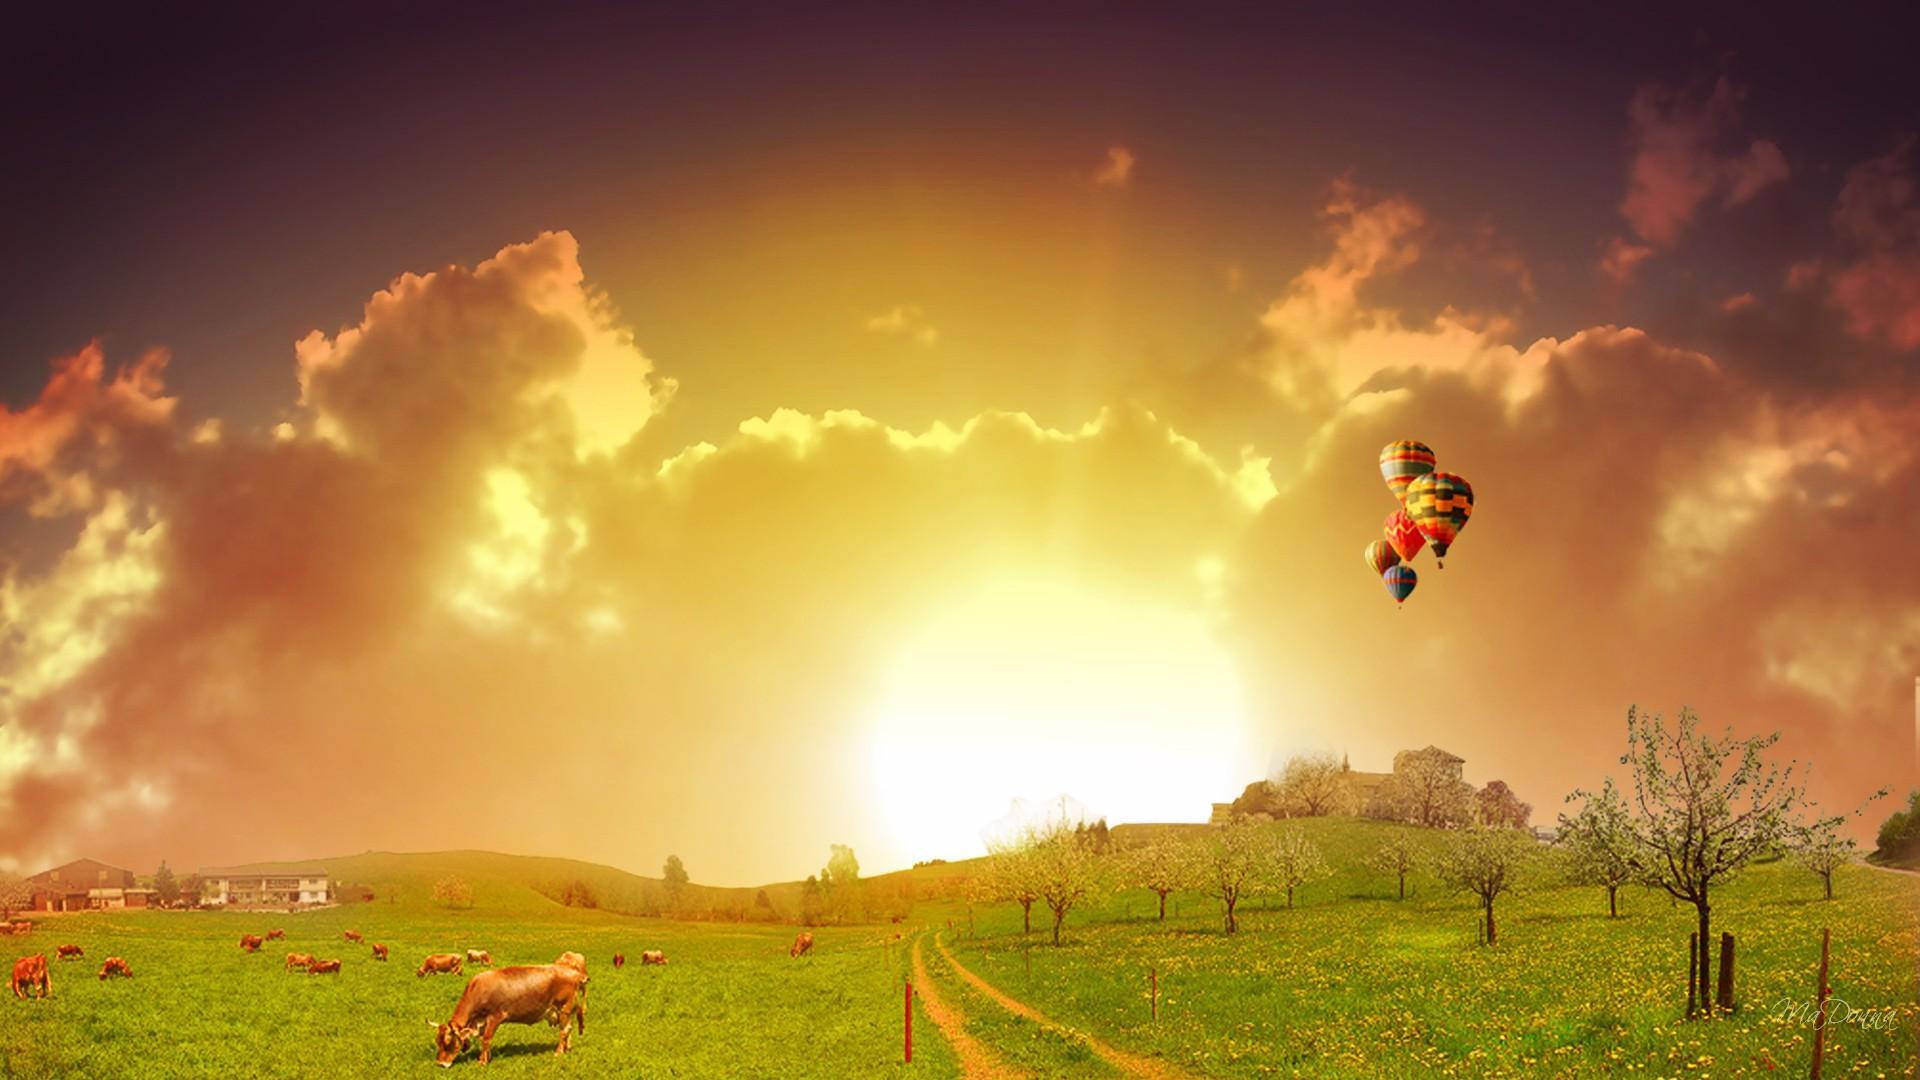 Sunset Hot Air Balloons Hd Desktop Wallpaper Widescreen